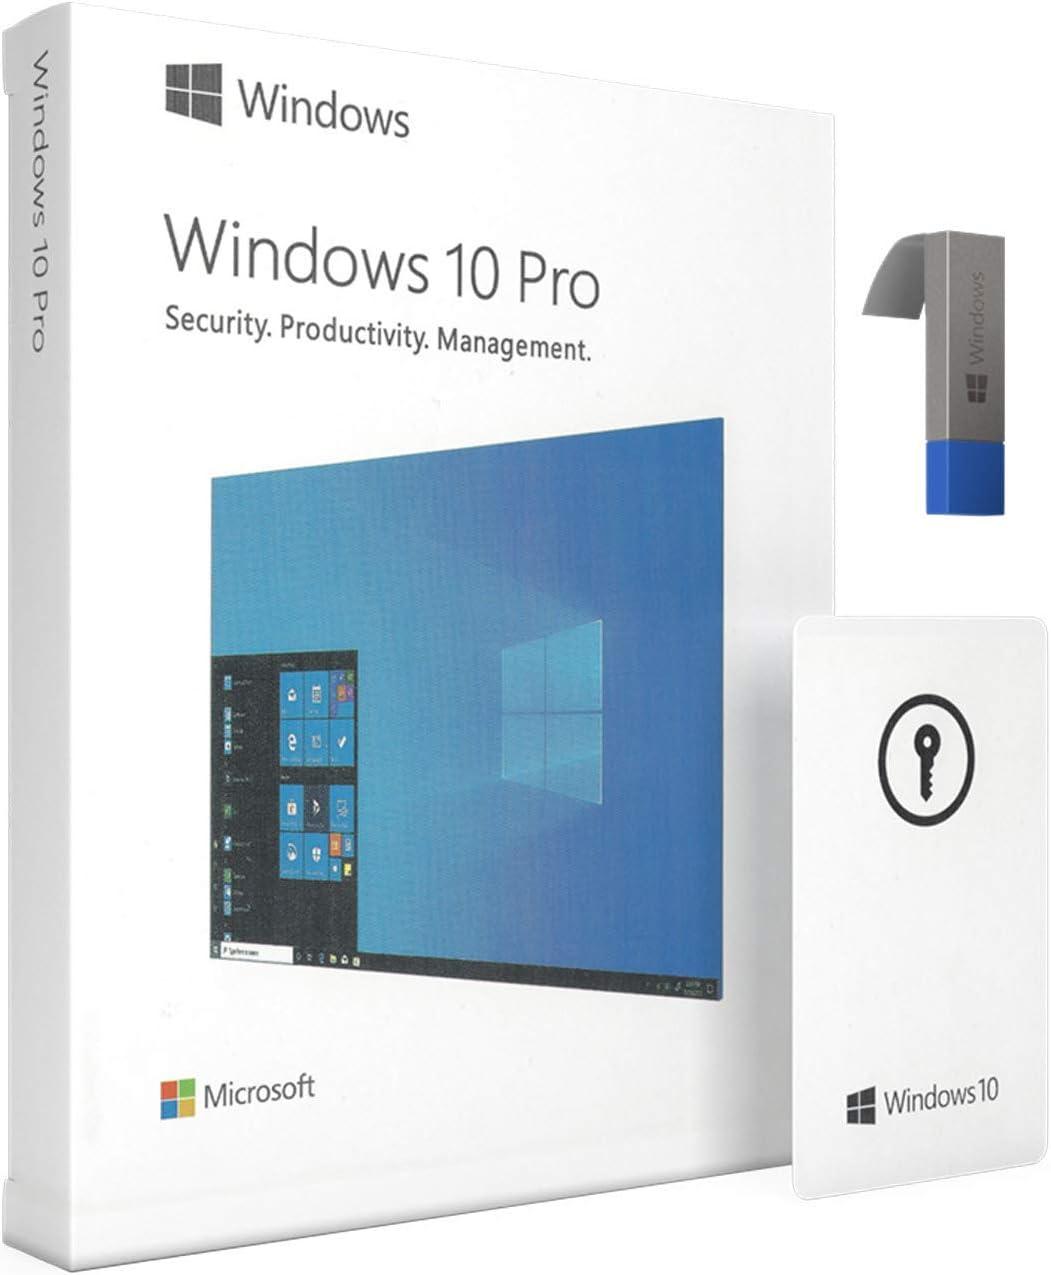 Win 10 Professional 64 bit - USB Flash Drive | English